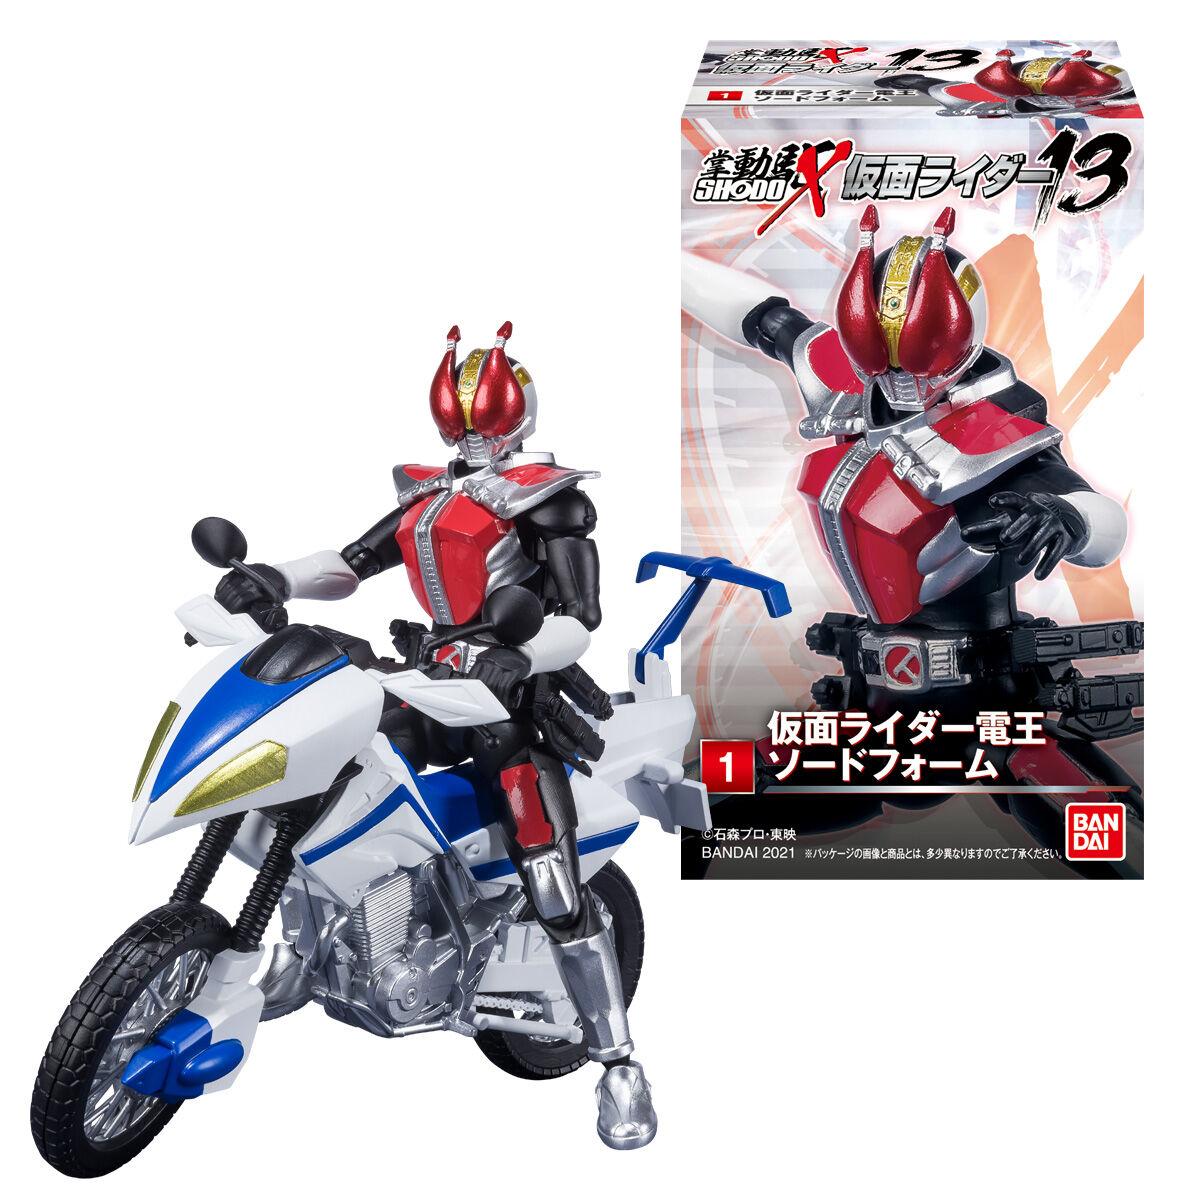 SHODO-X 仮面ライダー13_0